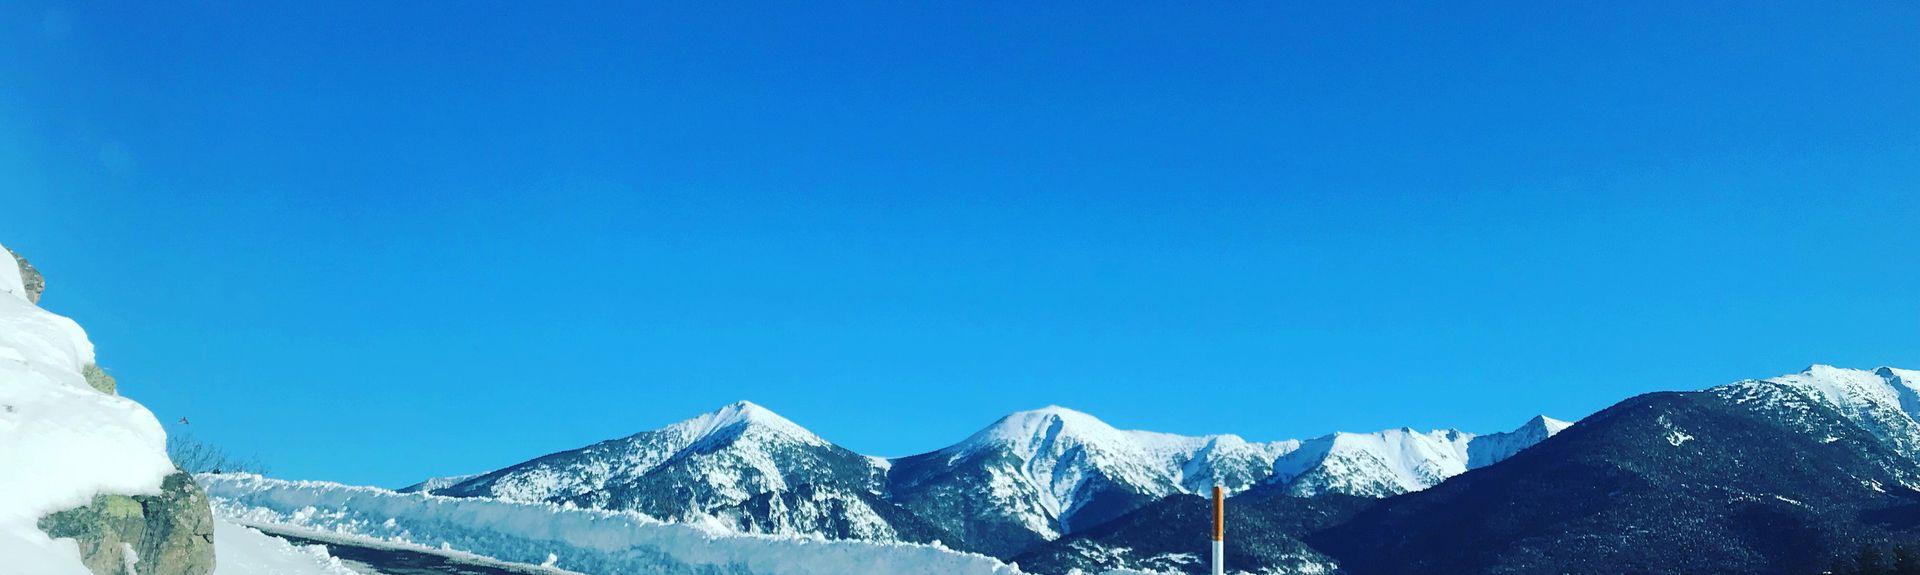 Osséja, Pyrénées-Orientales, Frankreich